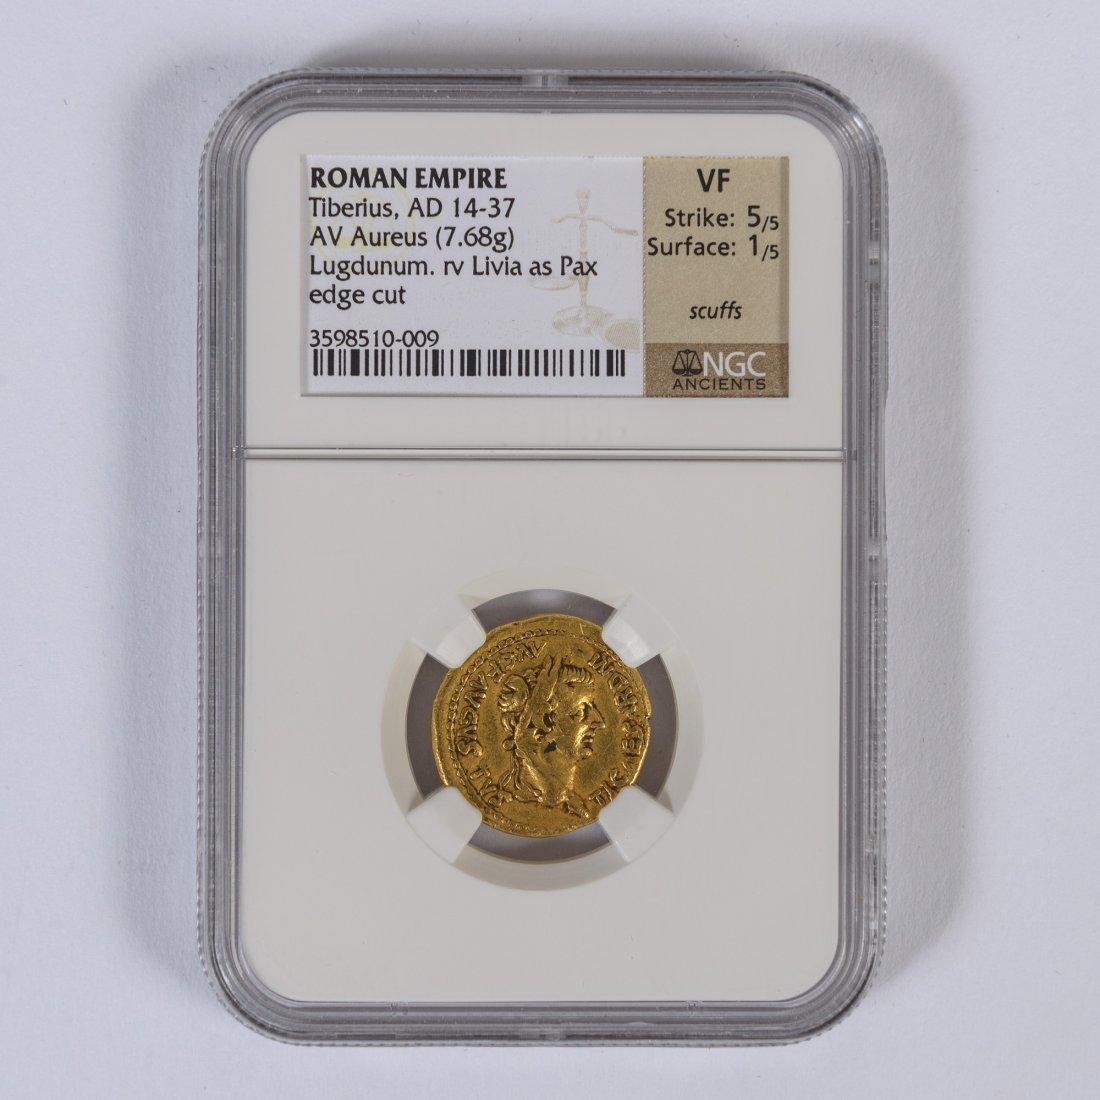 ROMAN EMPIRE GOLD COIN NGC CERTIFIED TIBERIUS AUREUS